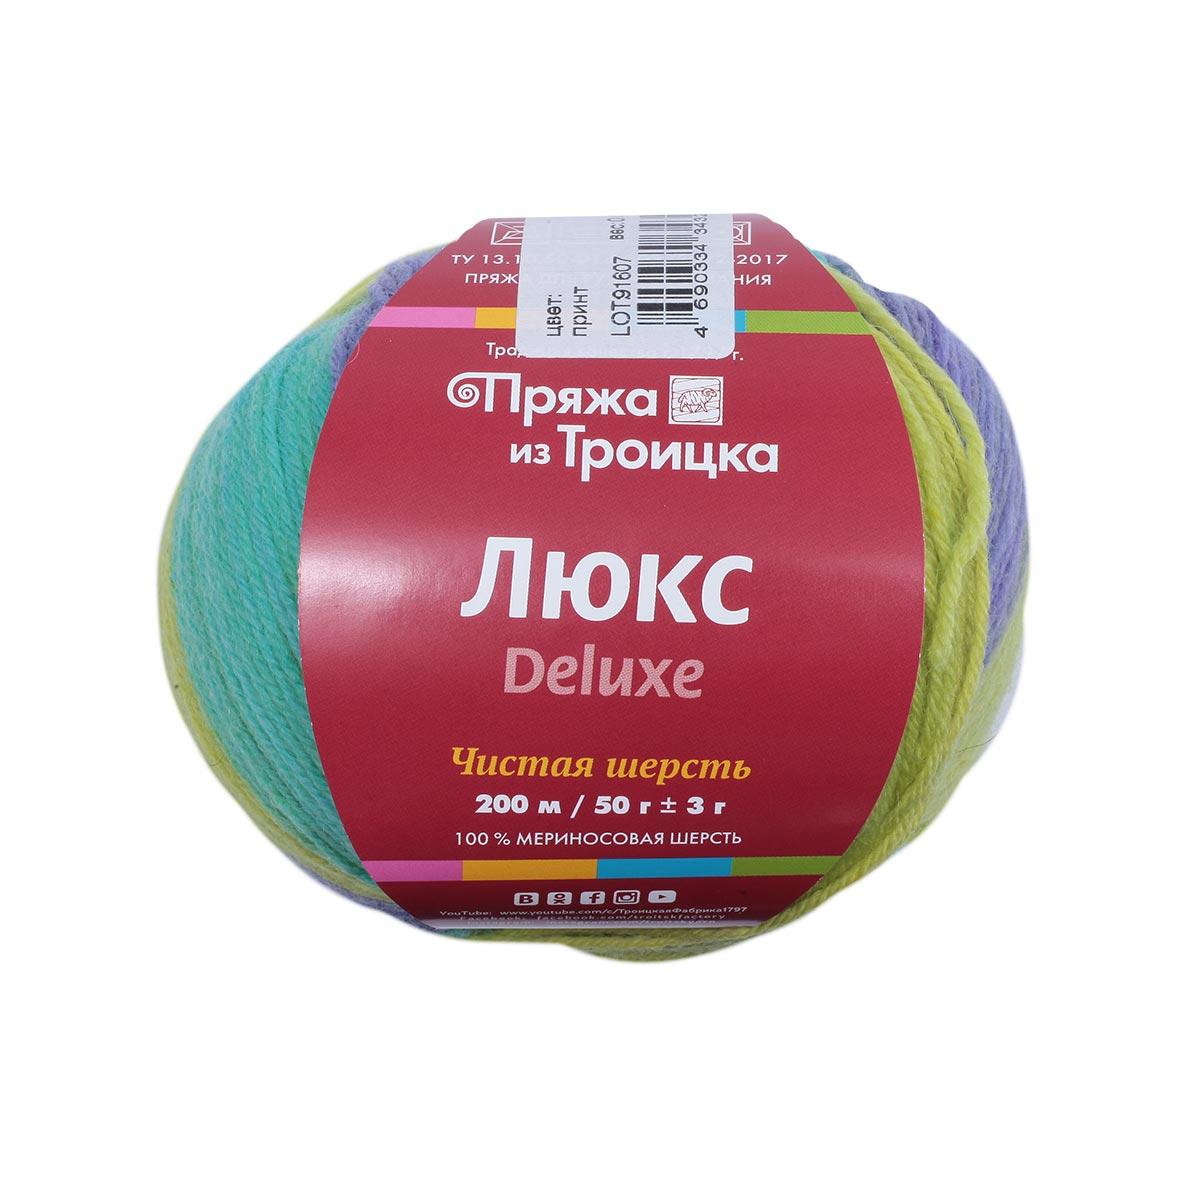 Пряжа из Троицка 'Люкс принт' 50гр. 200м. (100% мериносовая шерсть)